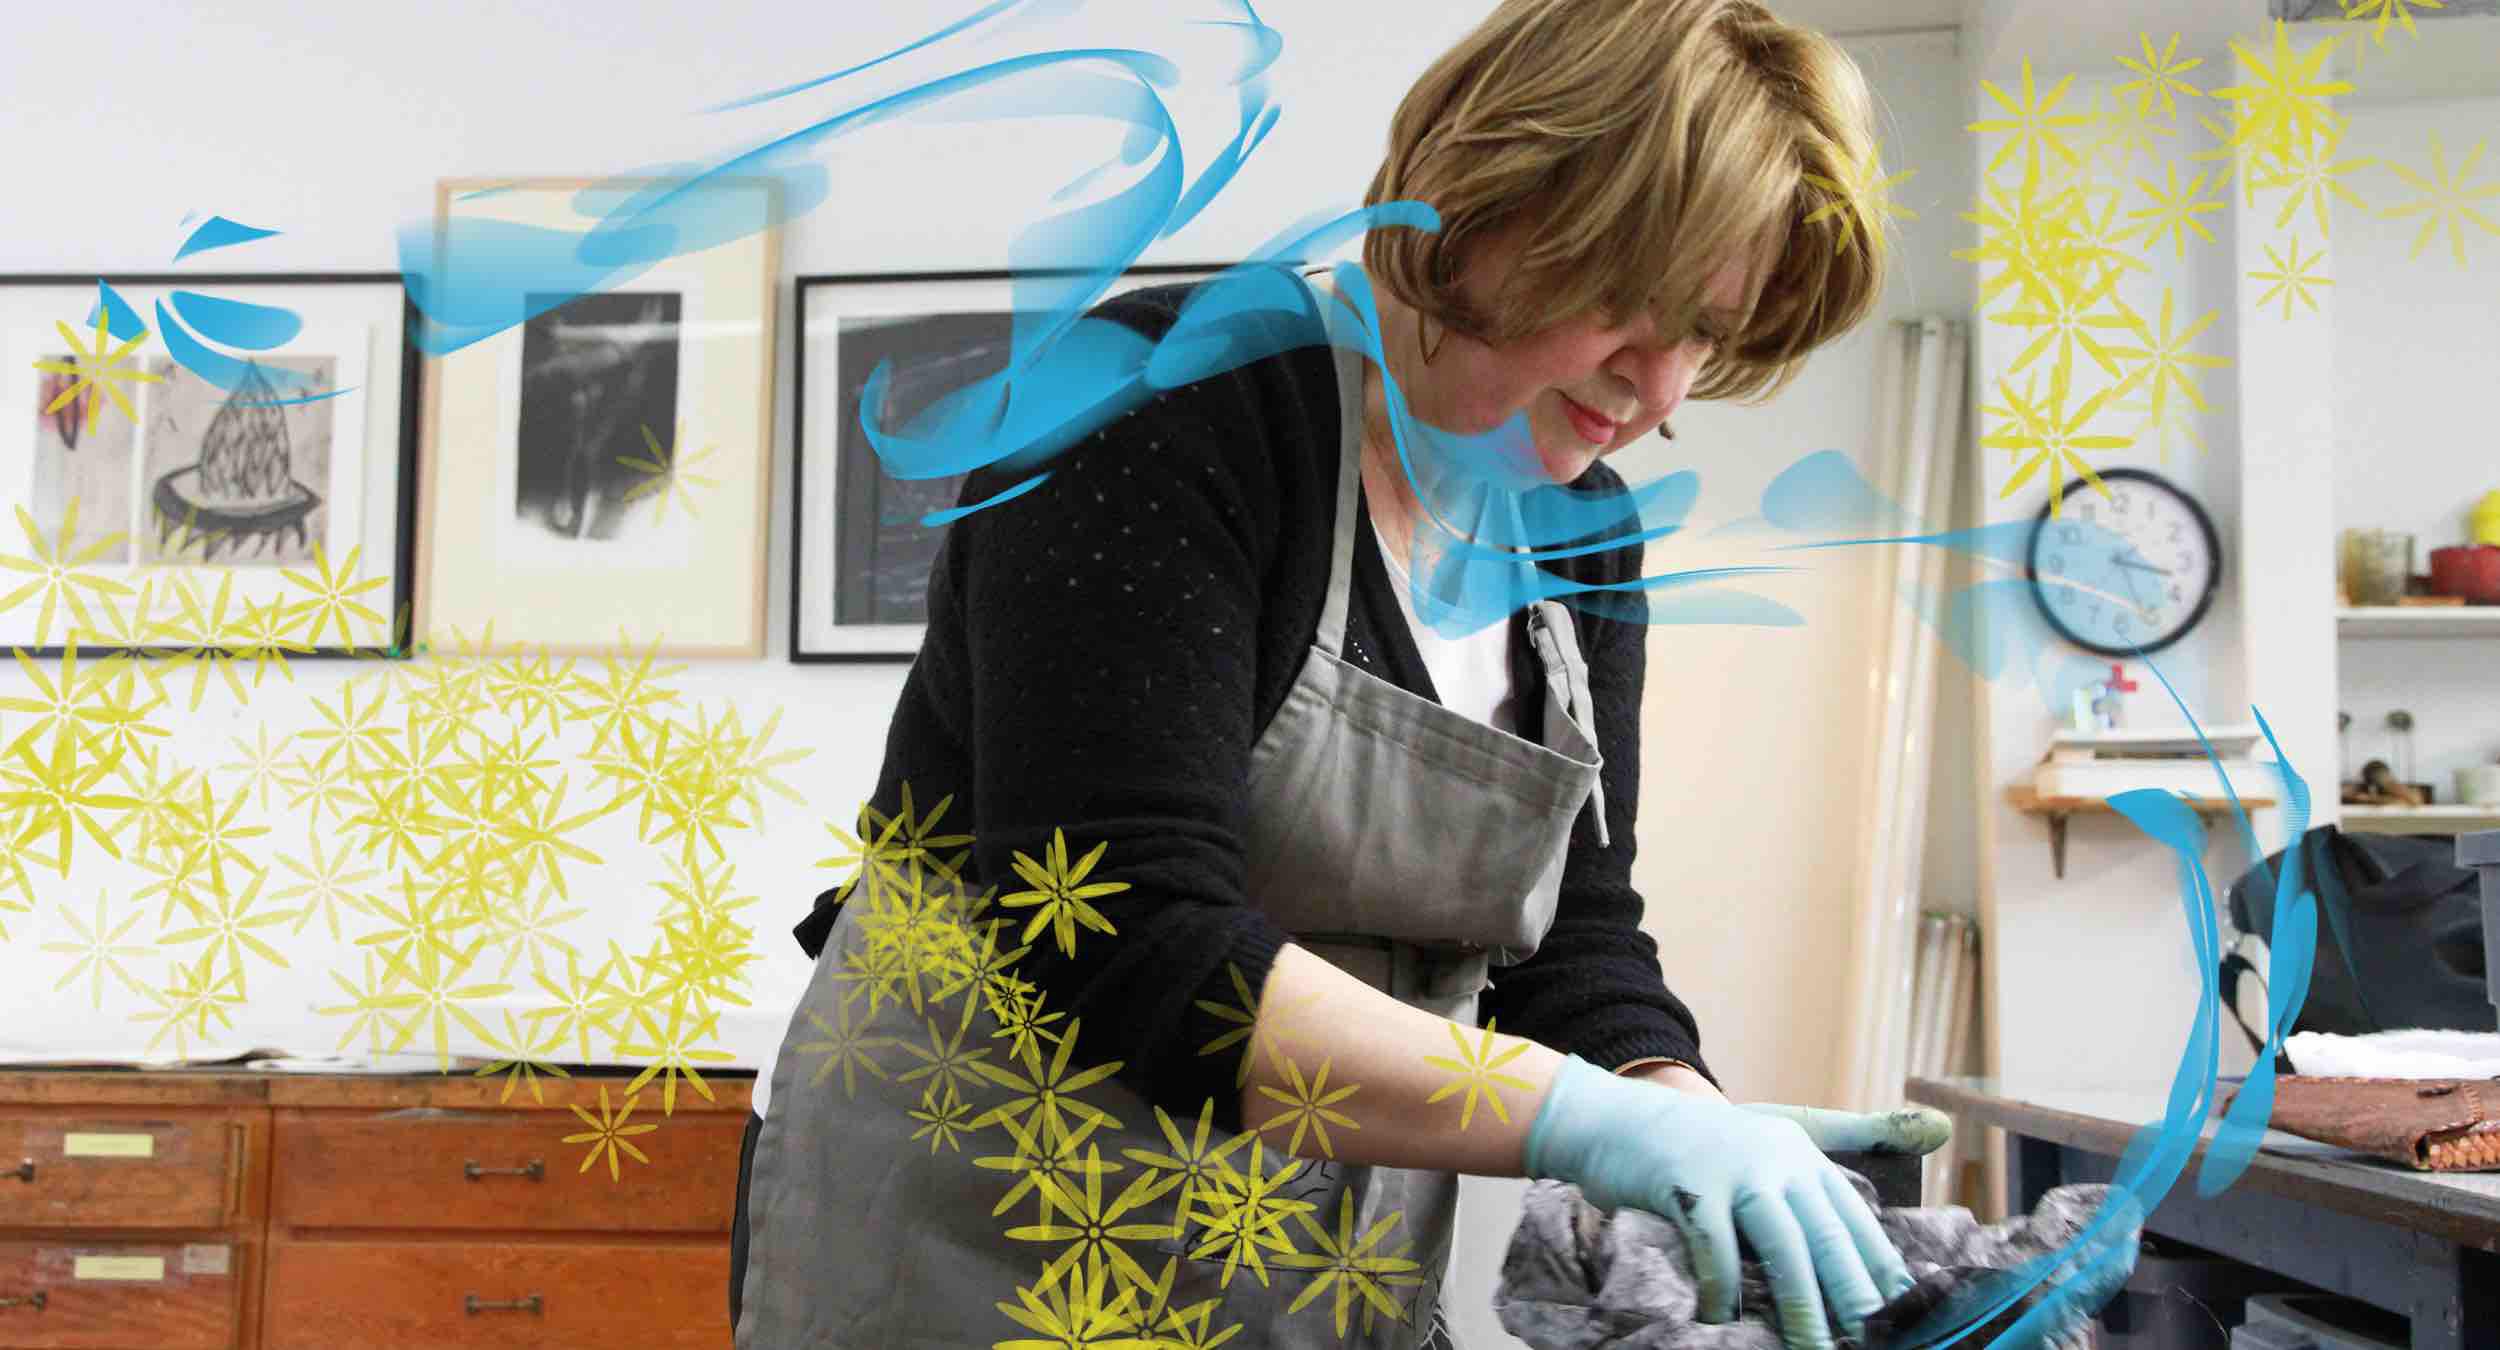 Louise Courchesne au travail. Technique d'estampe : eau-forte.  Qu'est-ce que c'est? Crédit photo : Catherine Leblond.